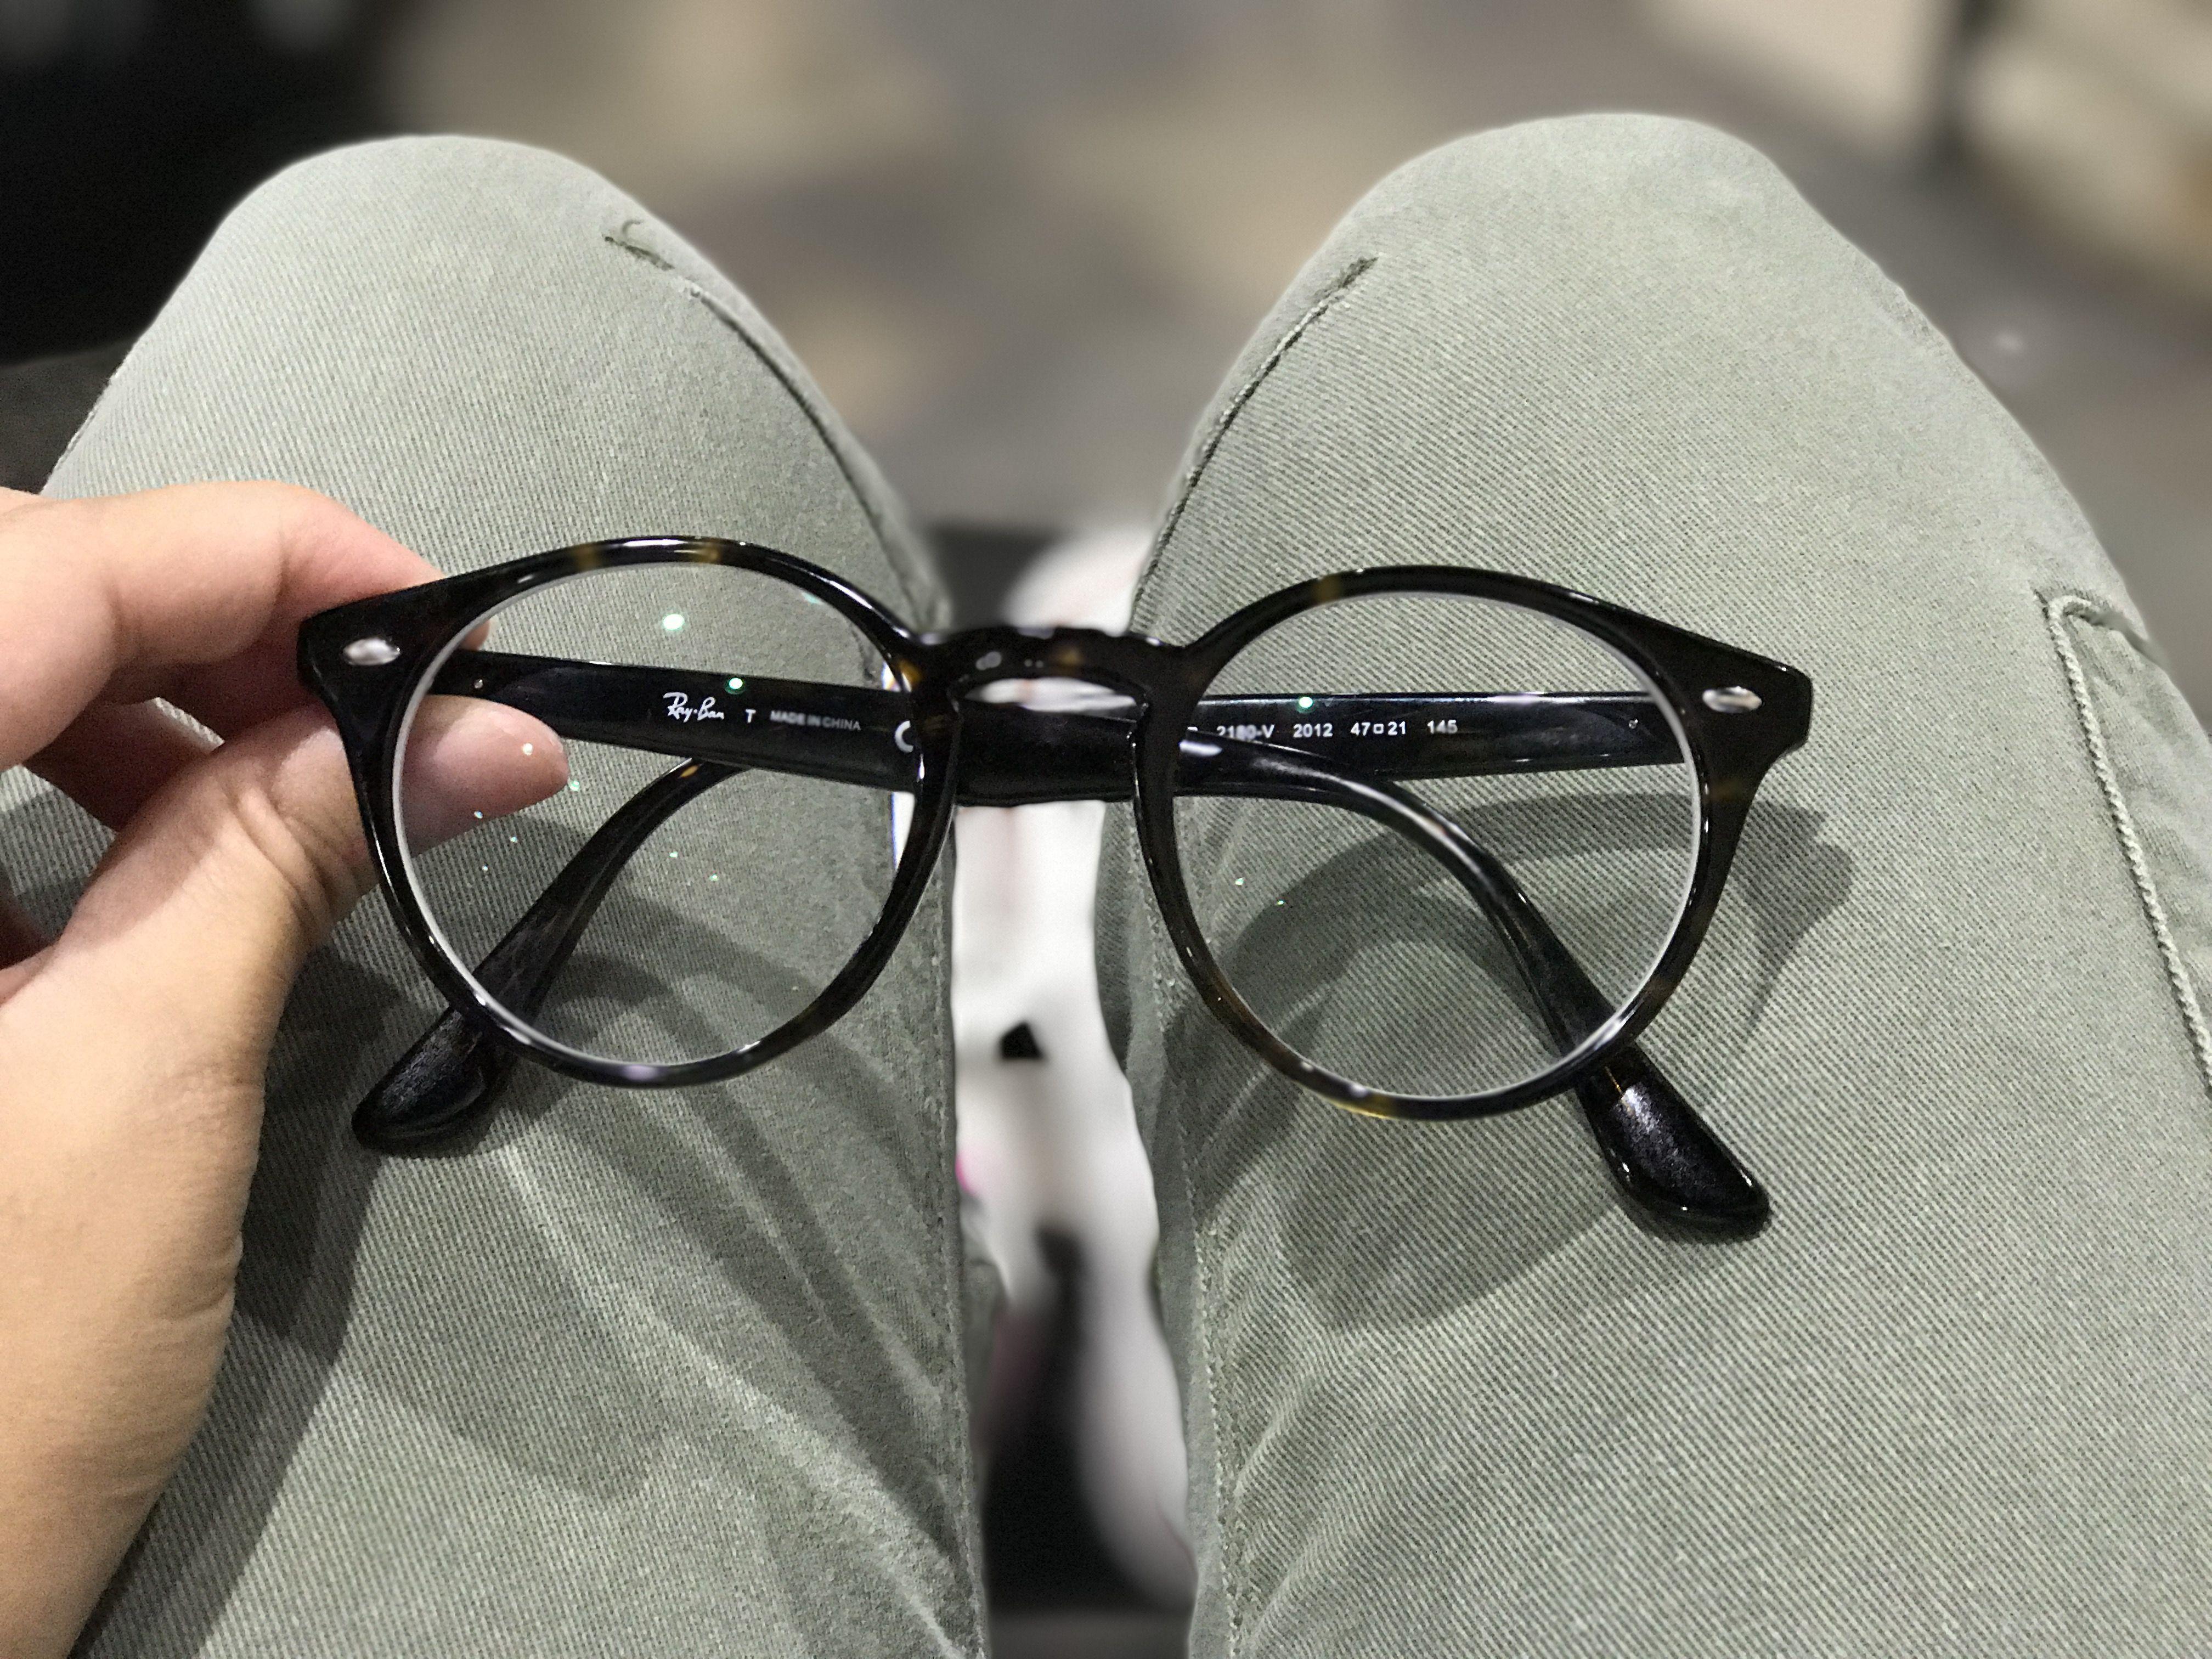 Rb Sunglasses Com Imagens Armacoes De Oculos Armacao De